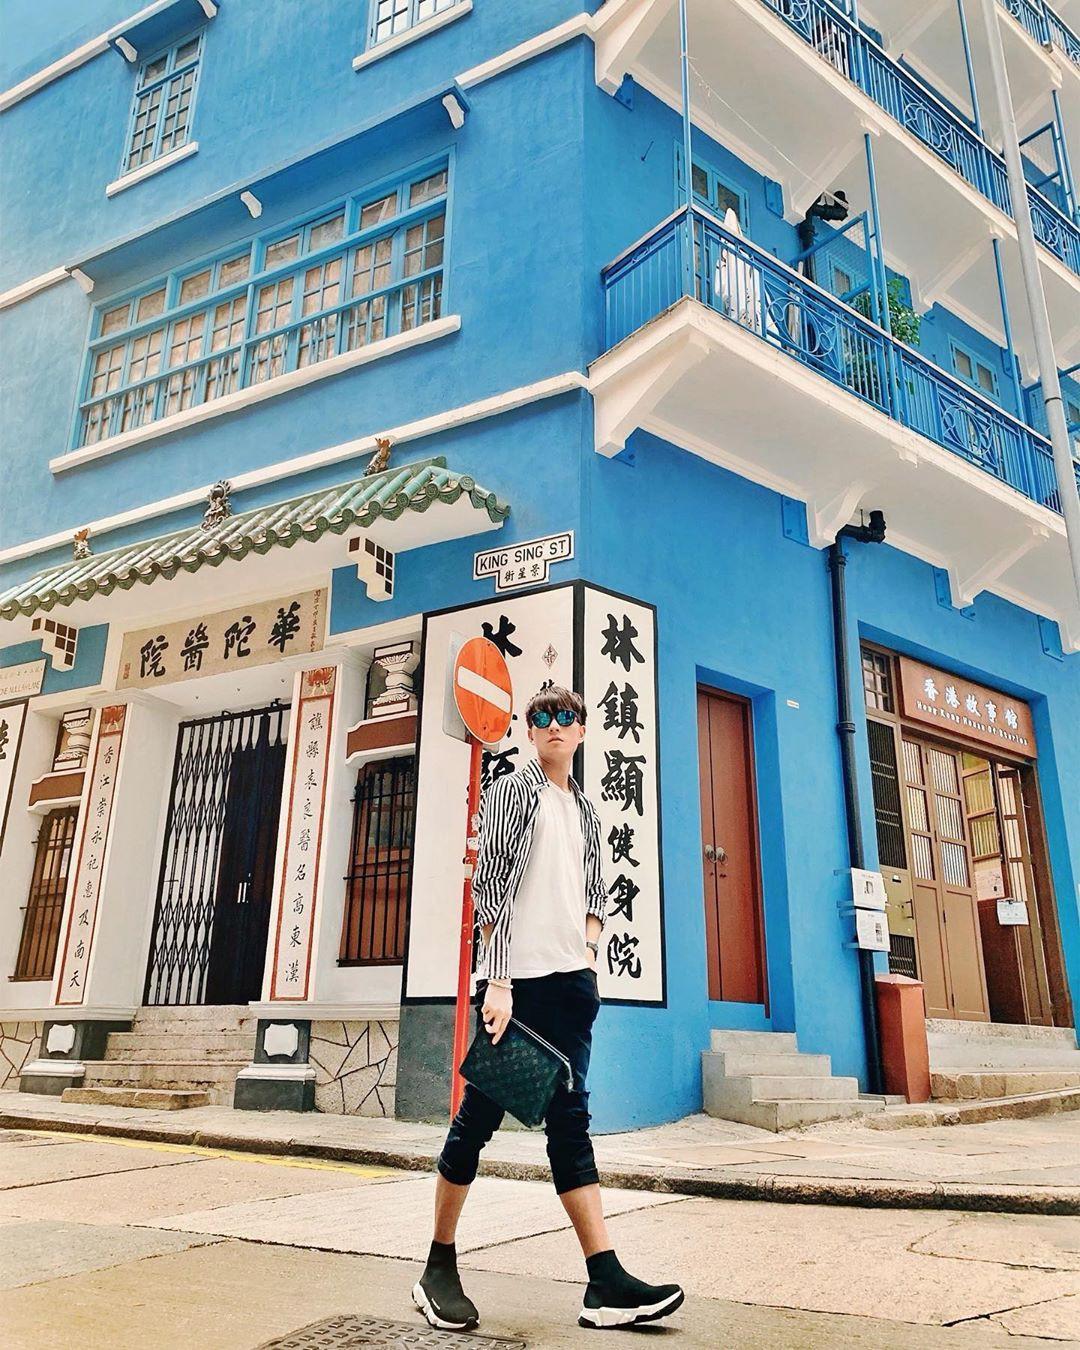 Bỏ túi ngay 8 điểm 'sống ảo' nổi tiếng ở Hong Kong, vị trí thứ 2 hot đến nỗi còn lọt vào top được check-in nhiều nhất trên Instagram! - Ảnh 16.